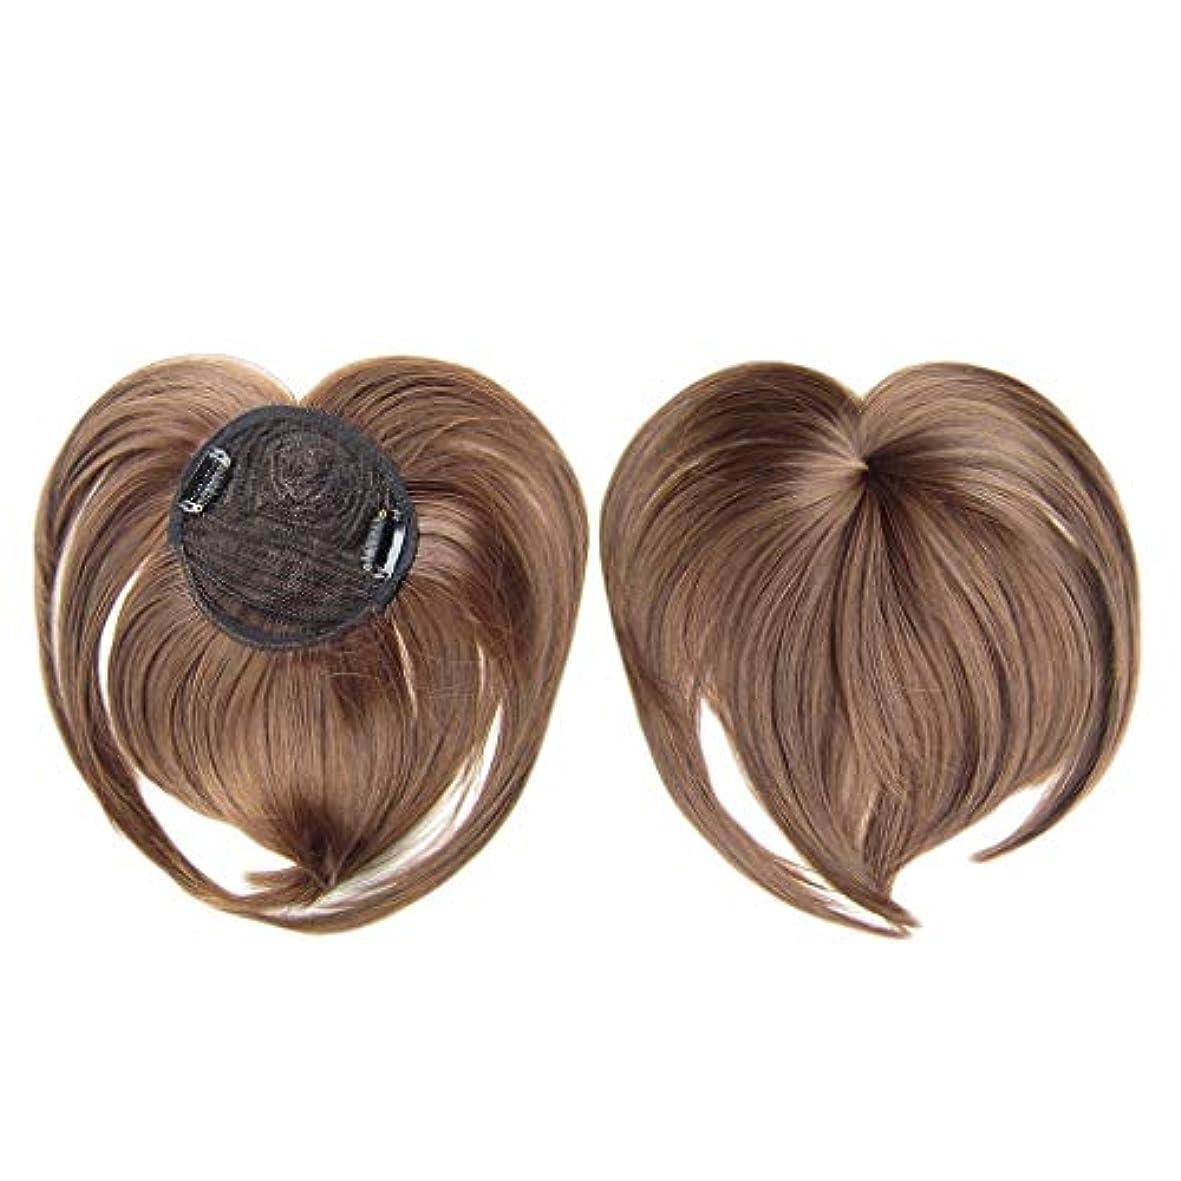 スプリット有利火山のJun® 女性の絹のようなクリップオンヘアトッパーウィッグ耐熱ファイバーウィッグファッションヘアウィッグ (G)